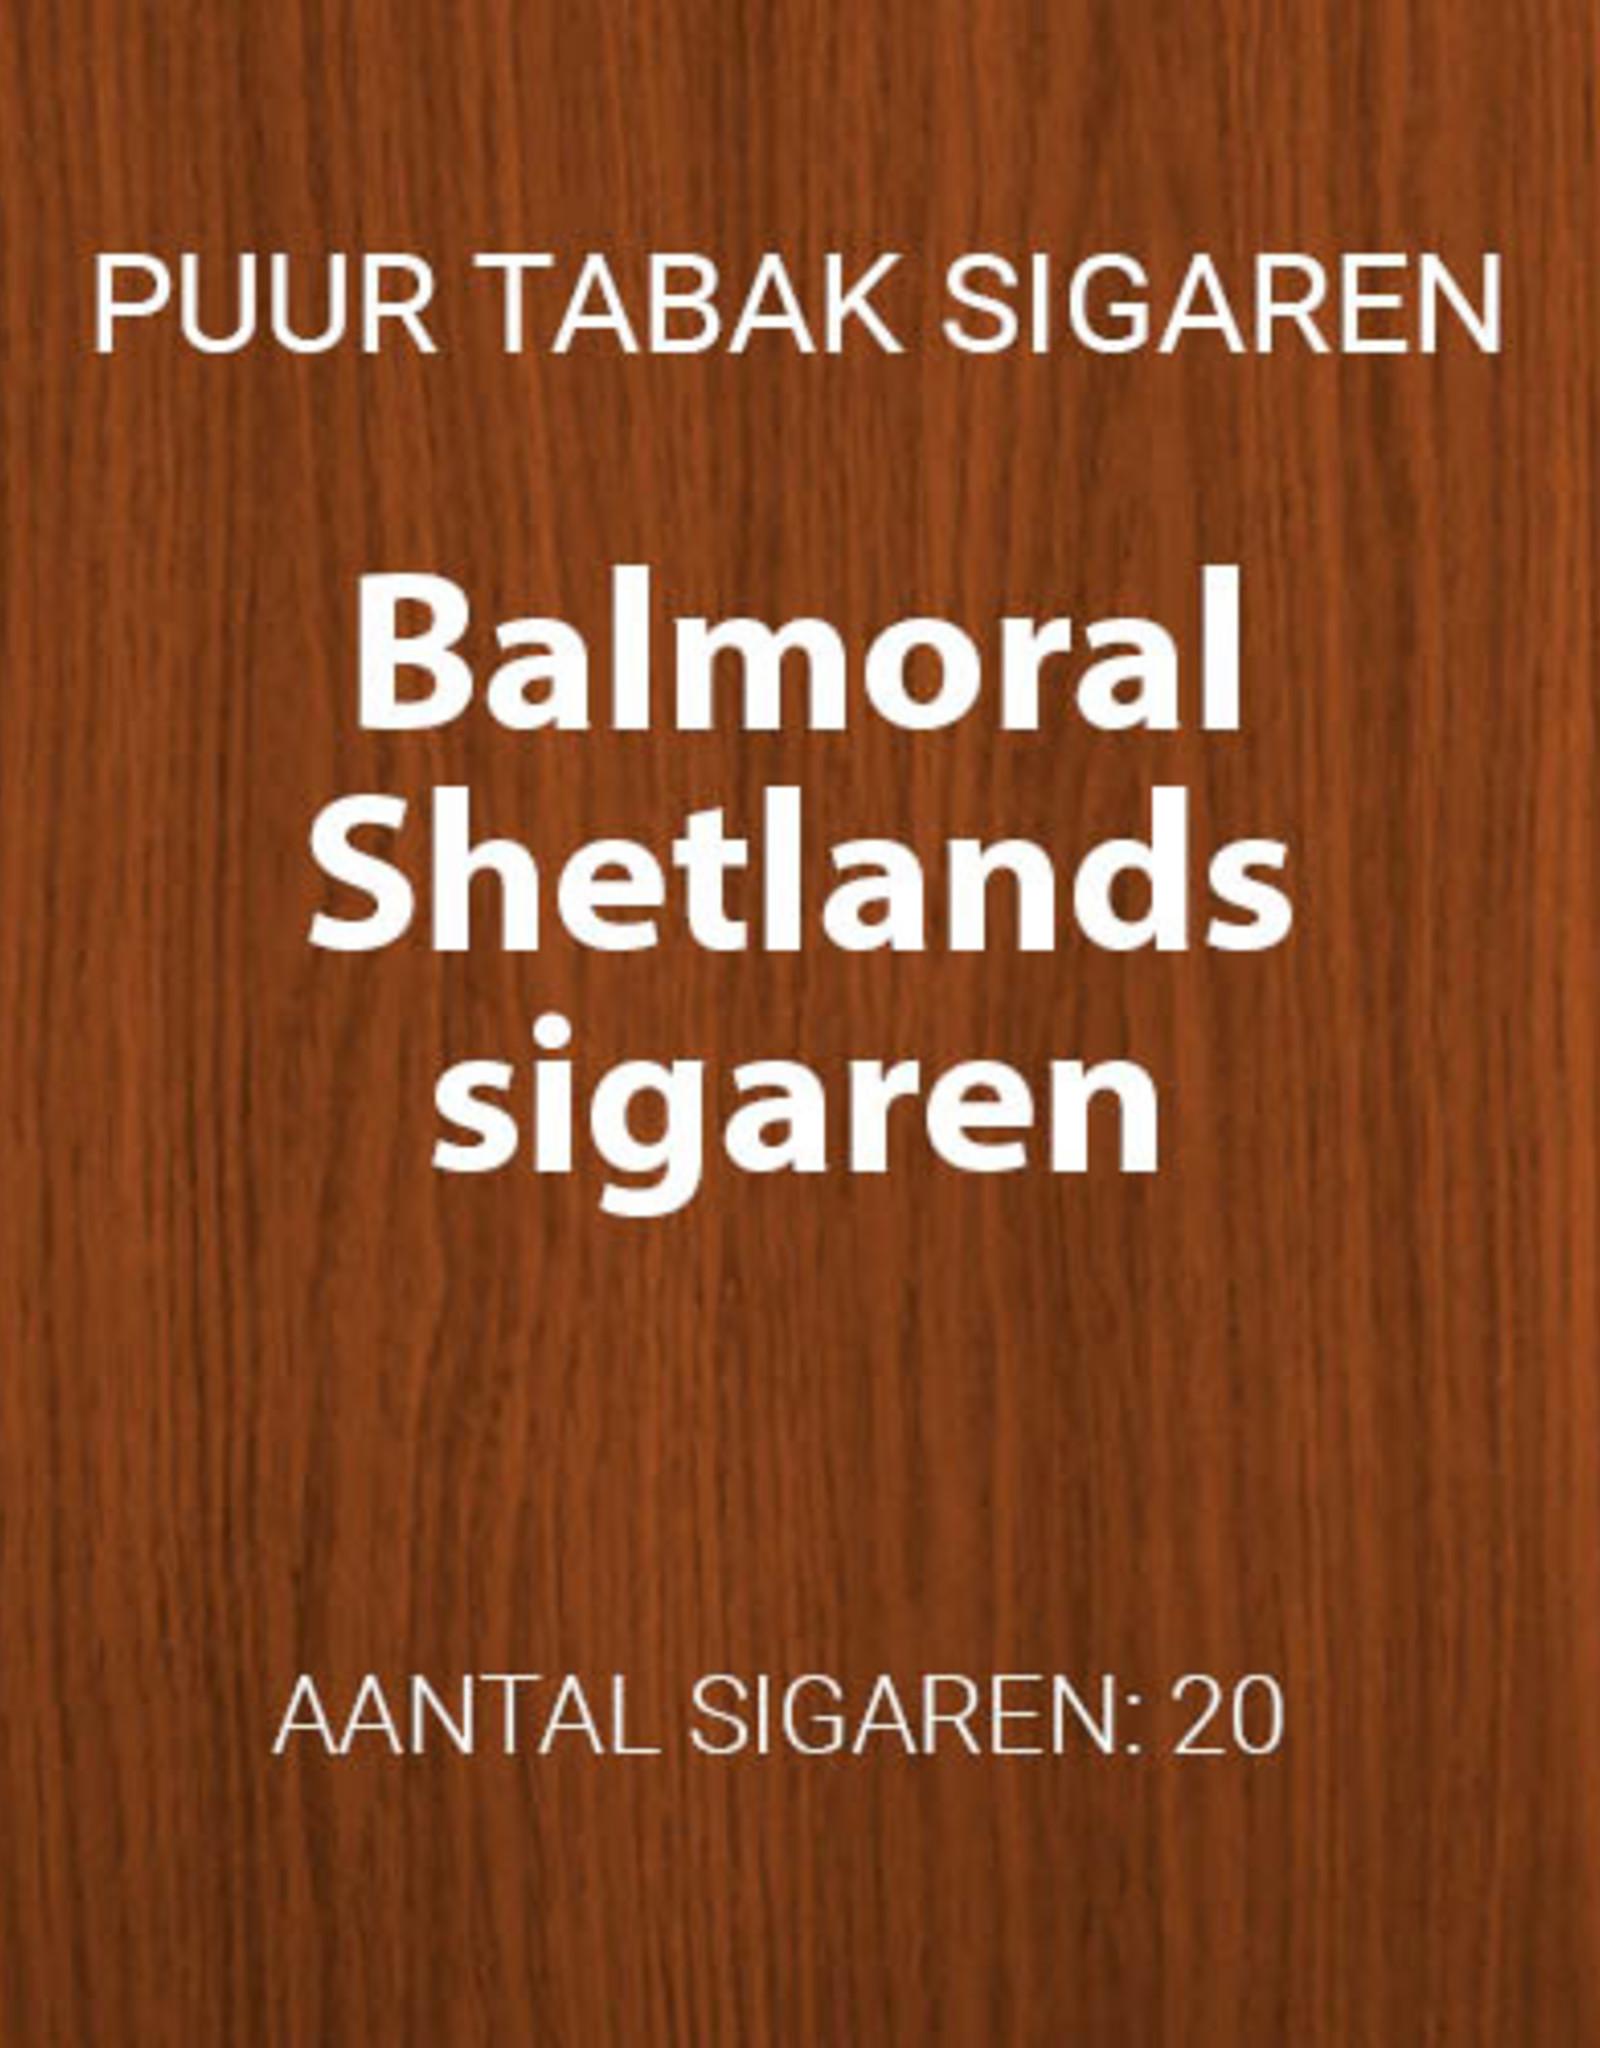 Balmoral Shetlands Cigarillos